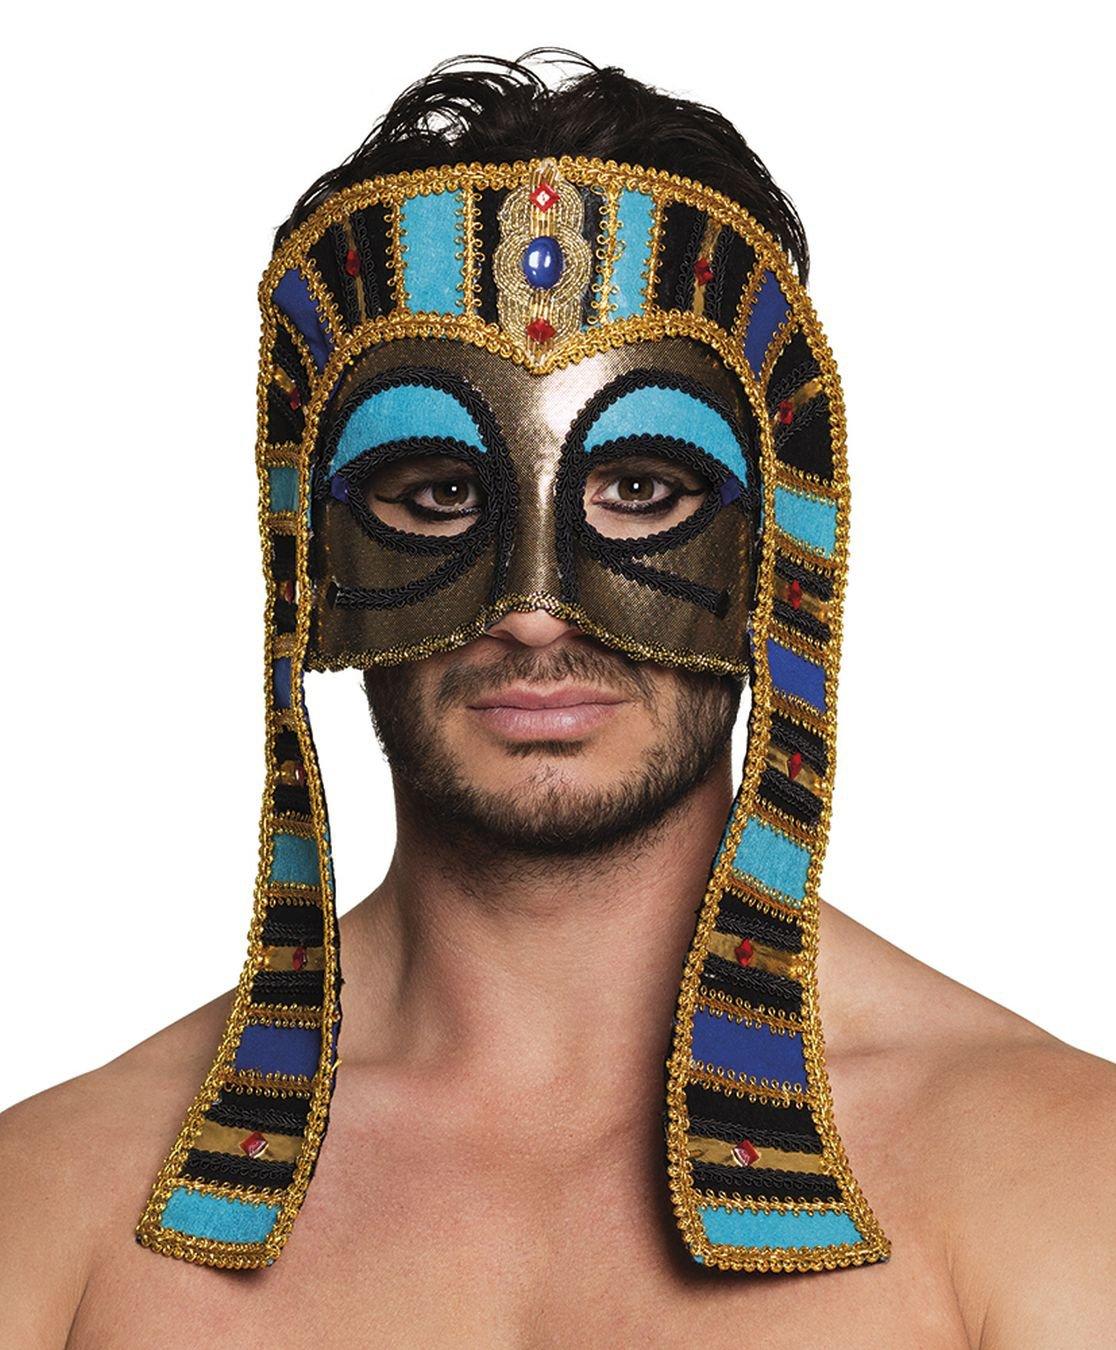 BOLAND 00267 Ojo Máscara tutanch Amun, disfraz, One size: Amazon.es: Juguetes y juegos